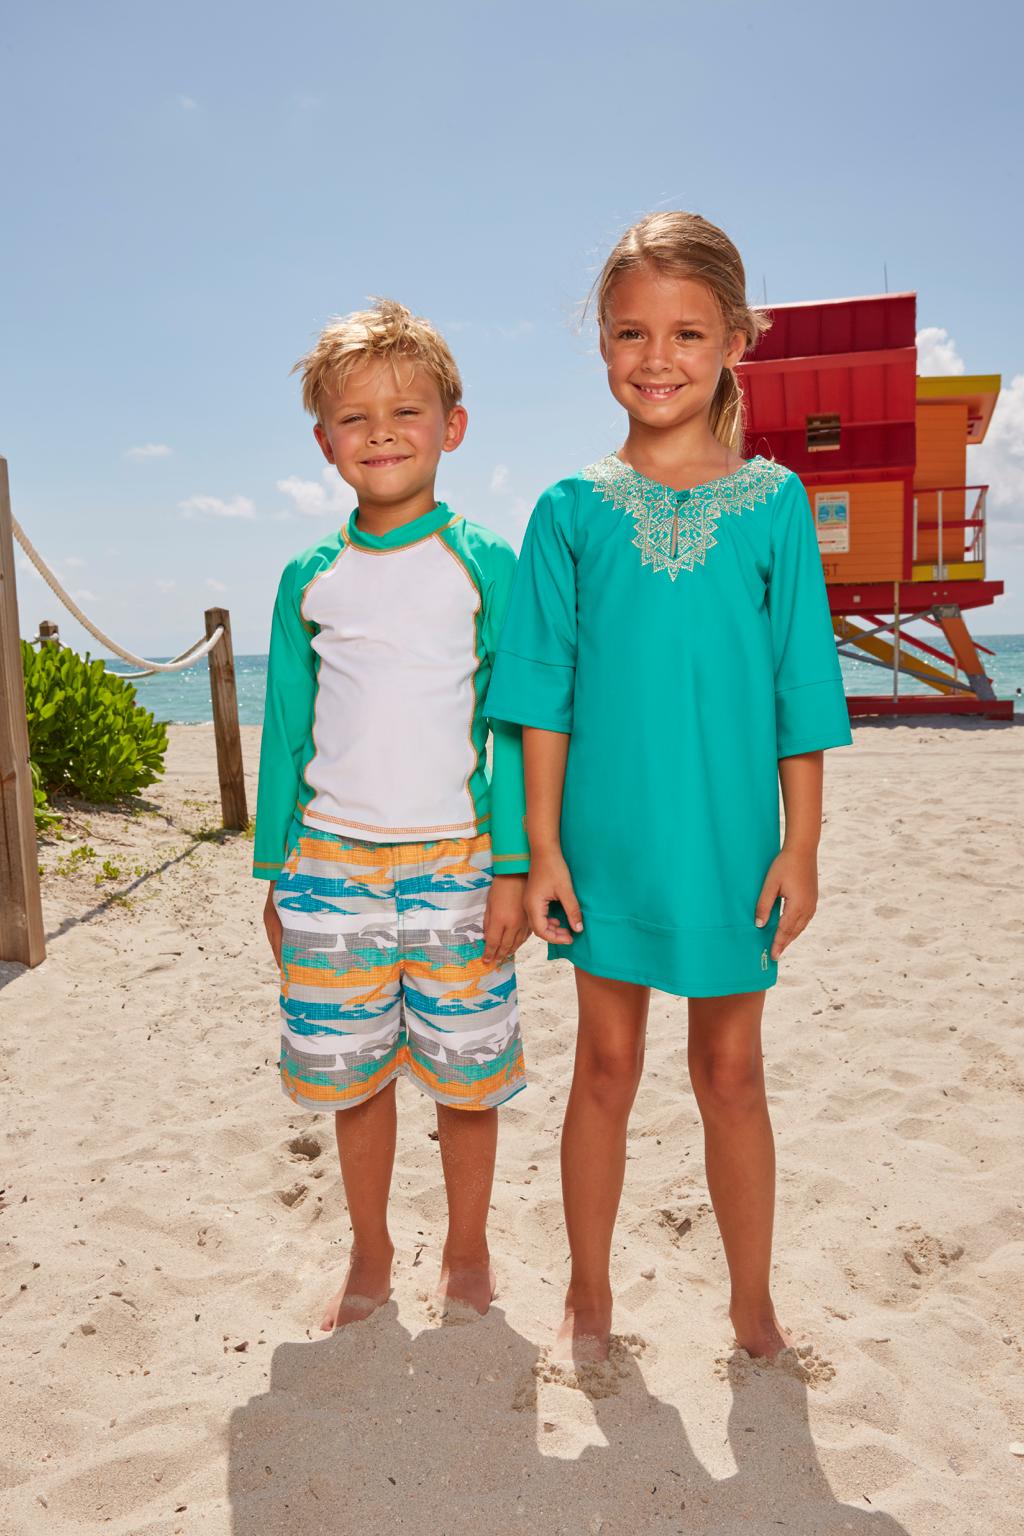 Little-Girls-Swimsuit-and-Cover-Up-Sets_Cabana-Life_Sardinia-Sands-Swimsuit-&-Cover-Up-Set_Whale-Stripe-Rashguard-Set-1.jpg